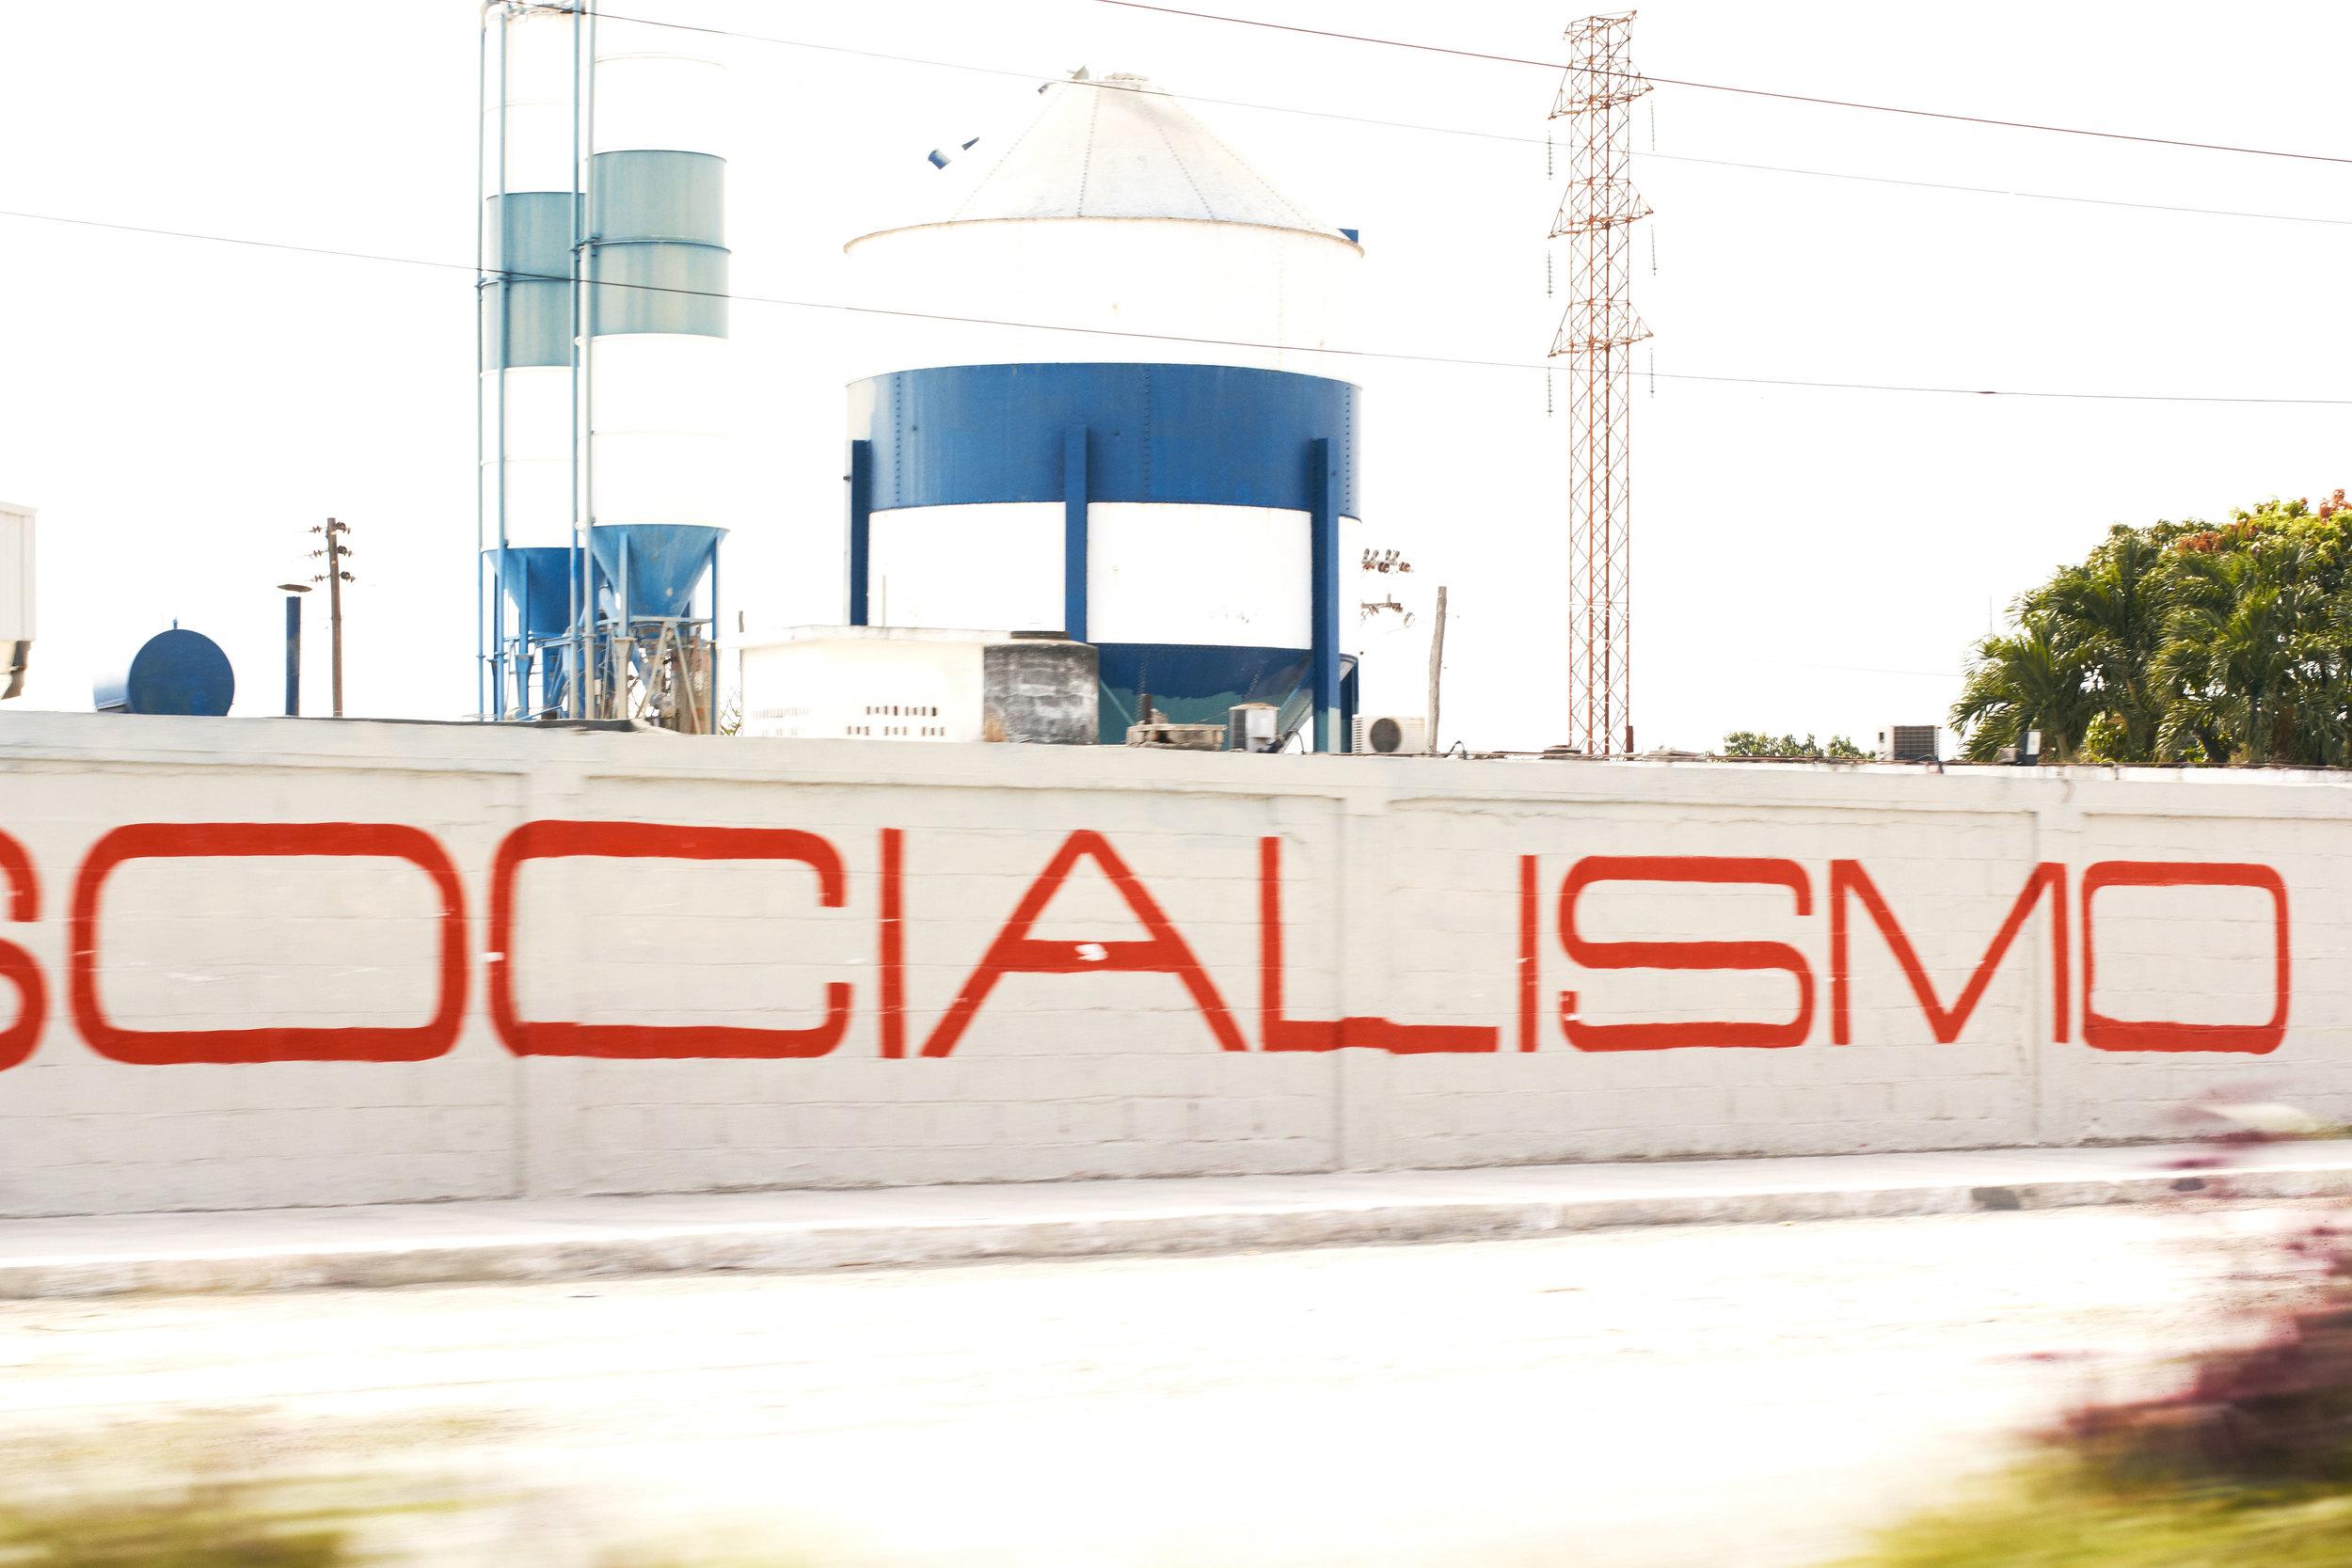 IMG_2023_Socialismo_for-web.jpg